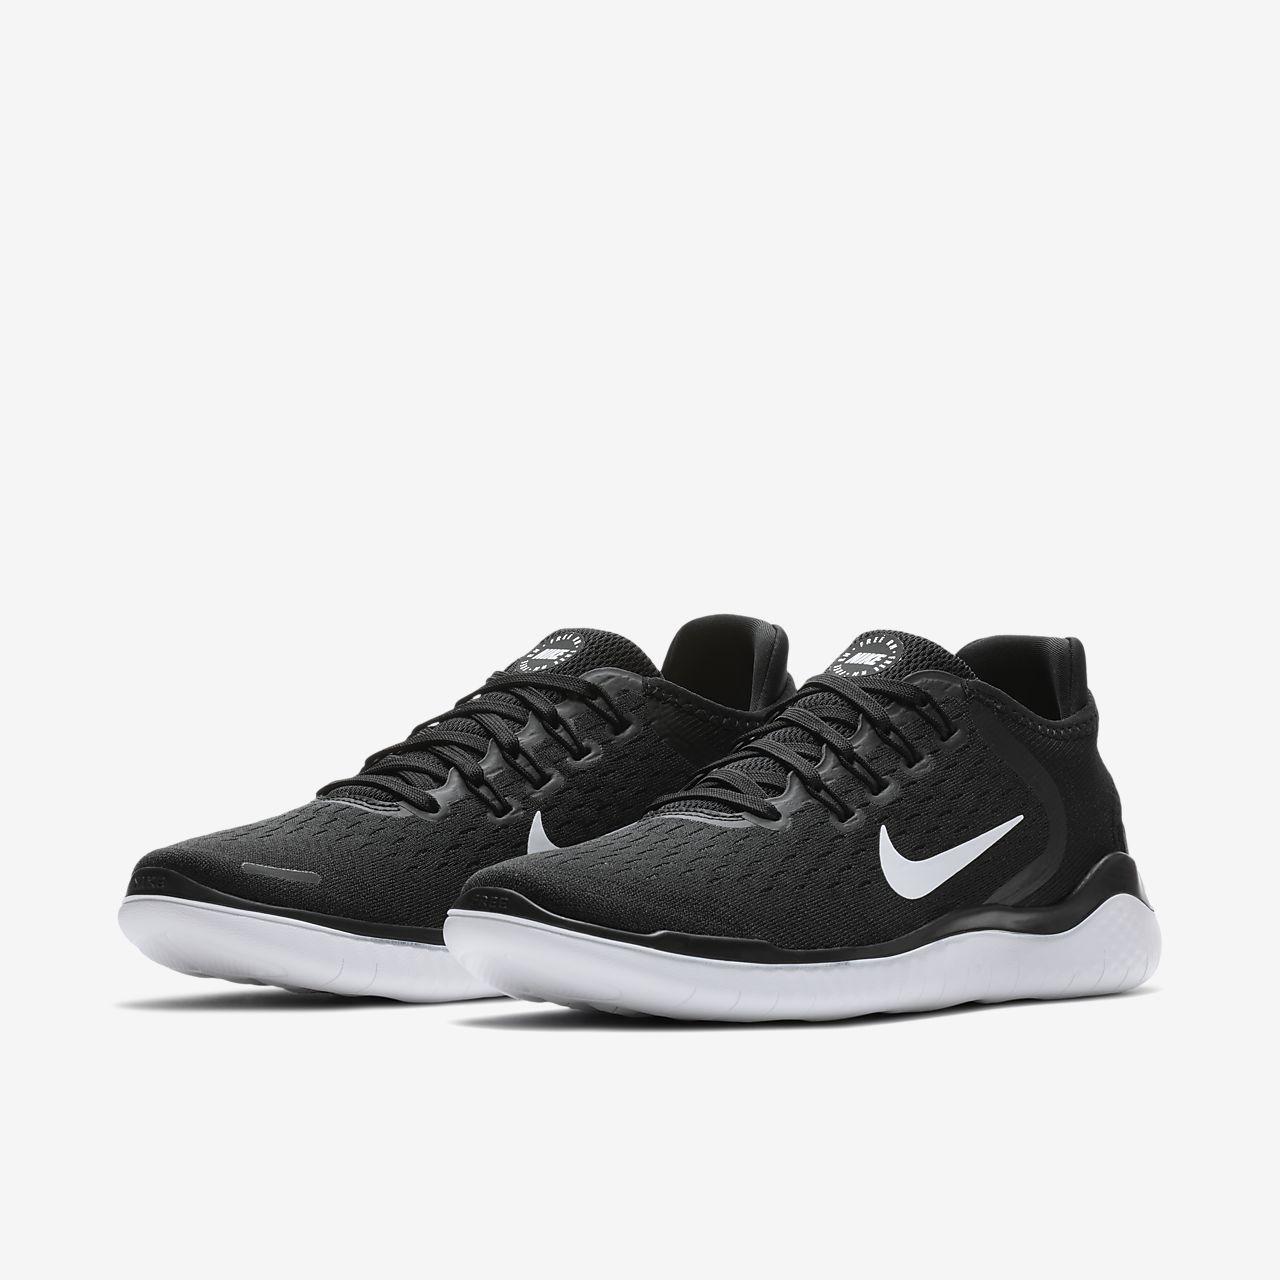 best website 5753d 55876 Nike Free RN 2018 Women's Running Shoe